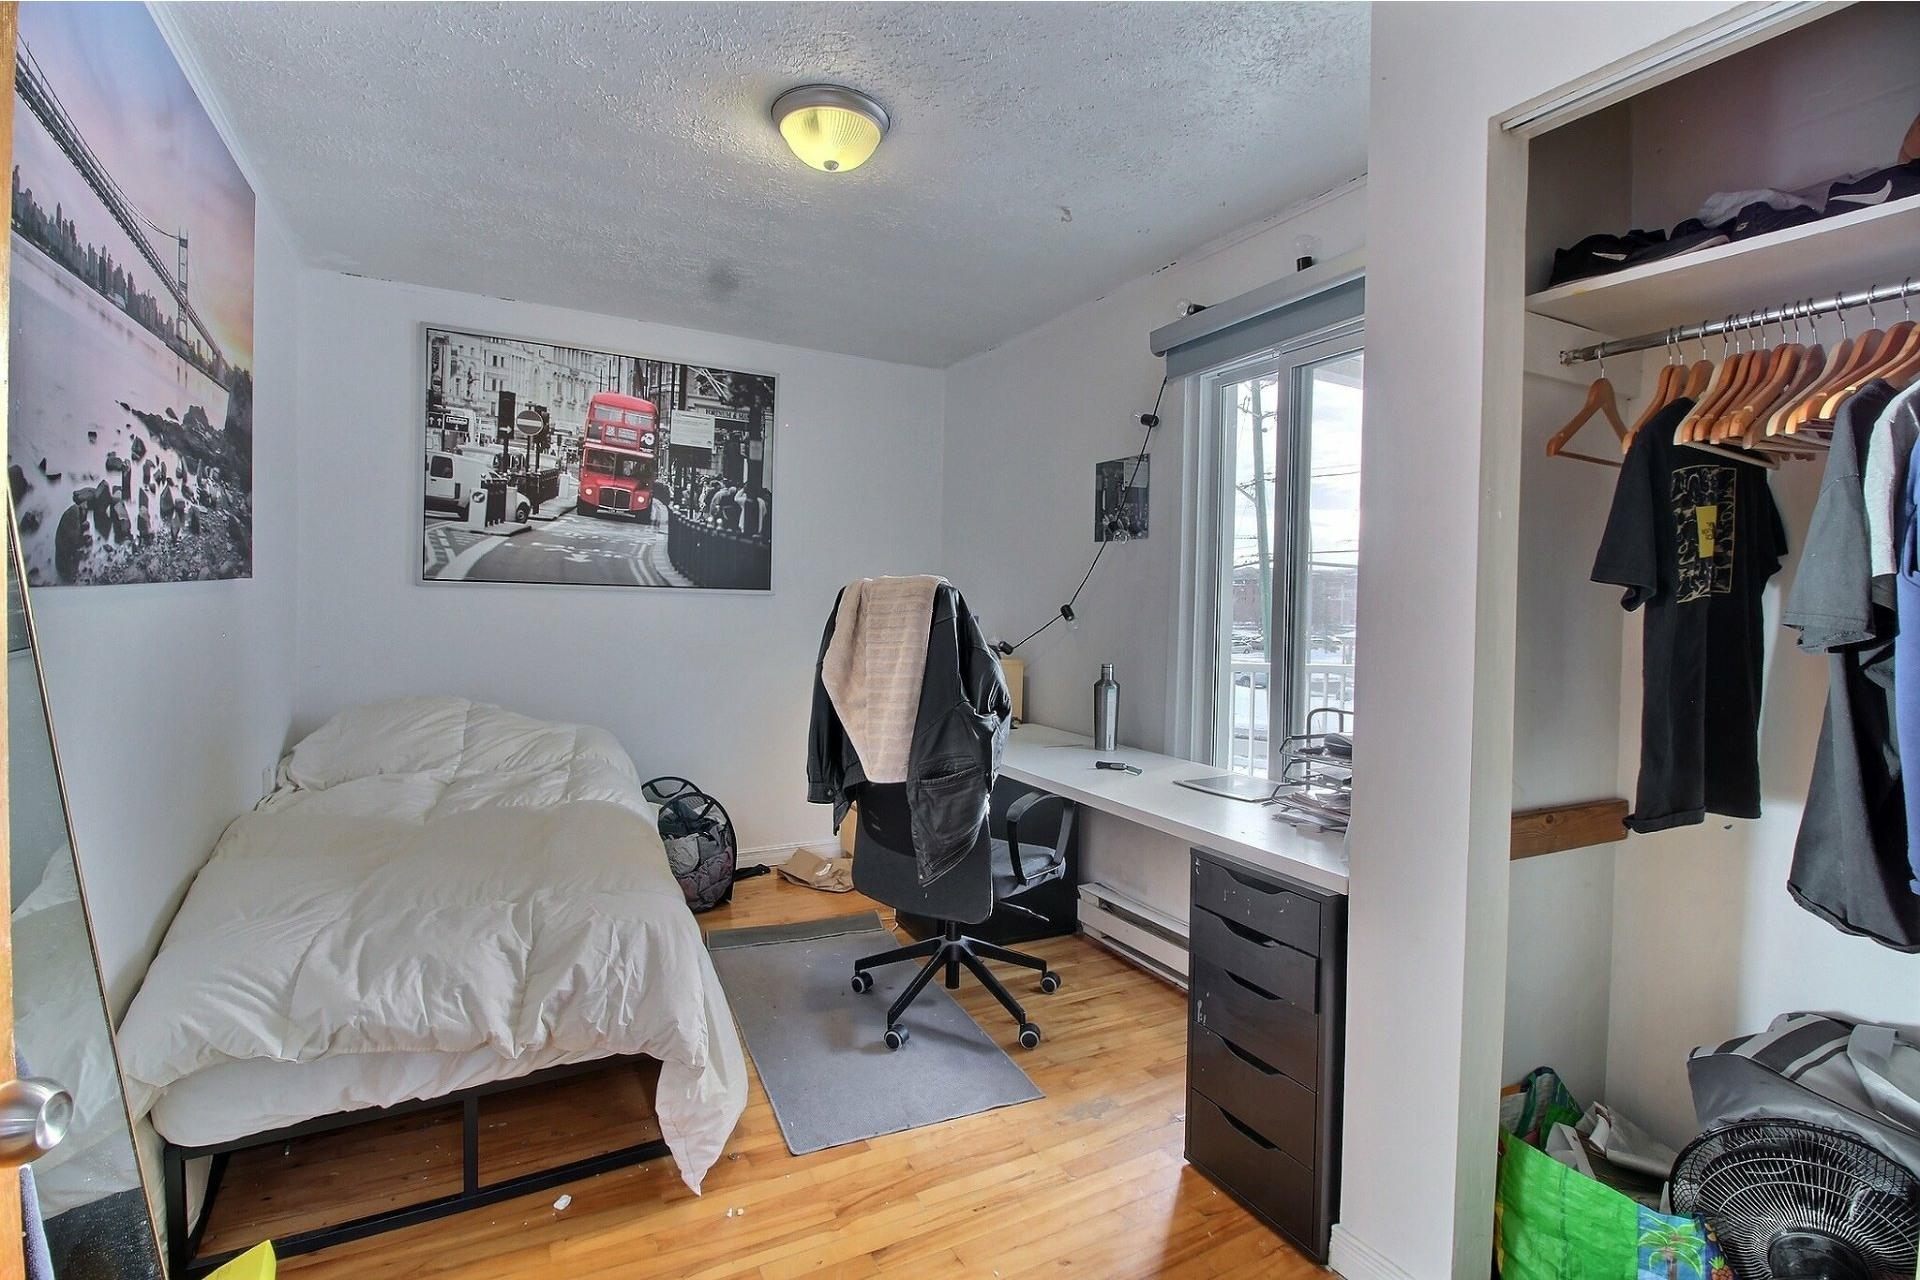 image 21 - Duplex À vendre Fleurimont Sherbrooke  - 4 pièces